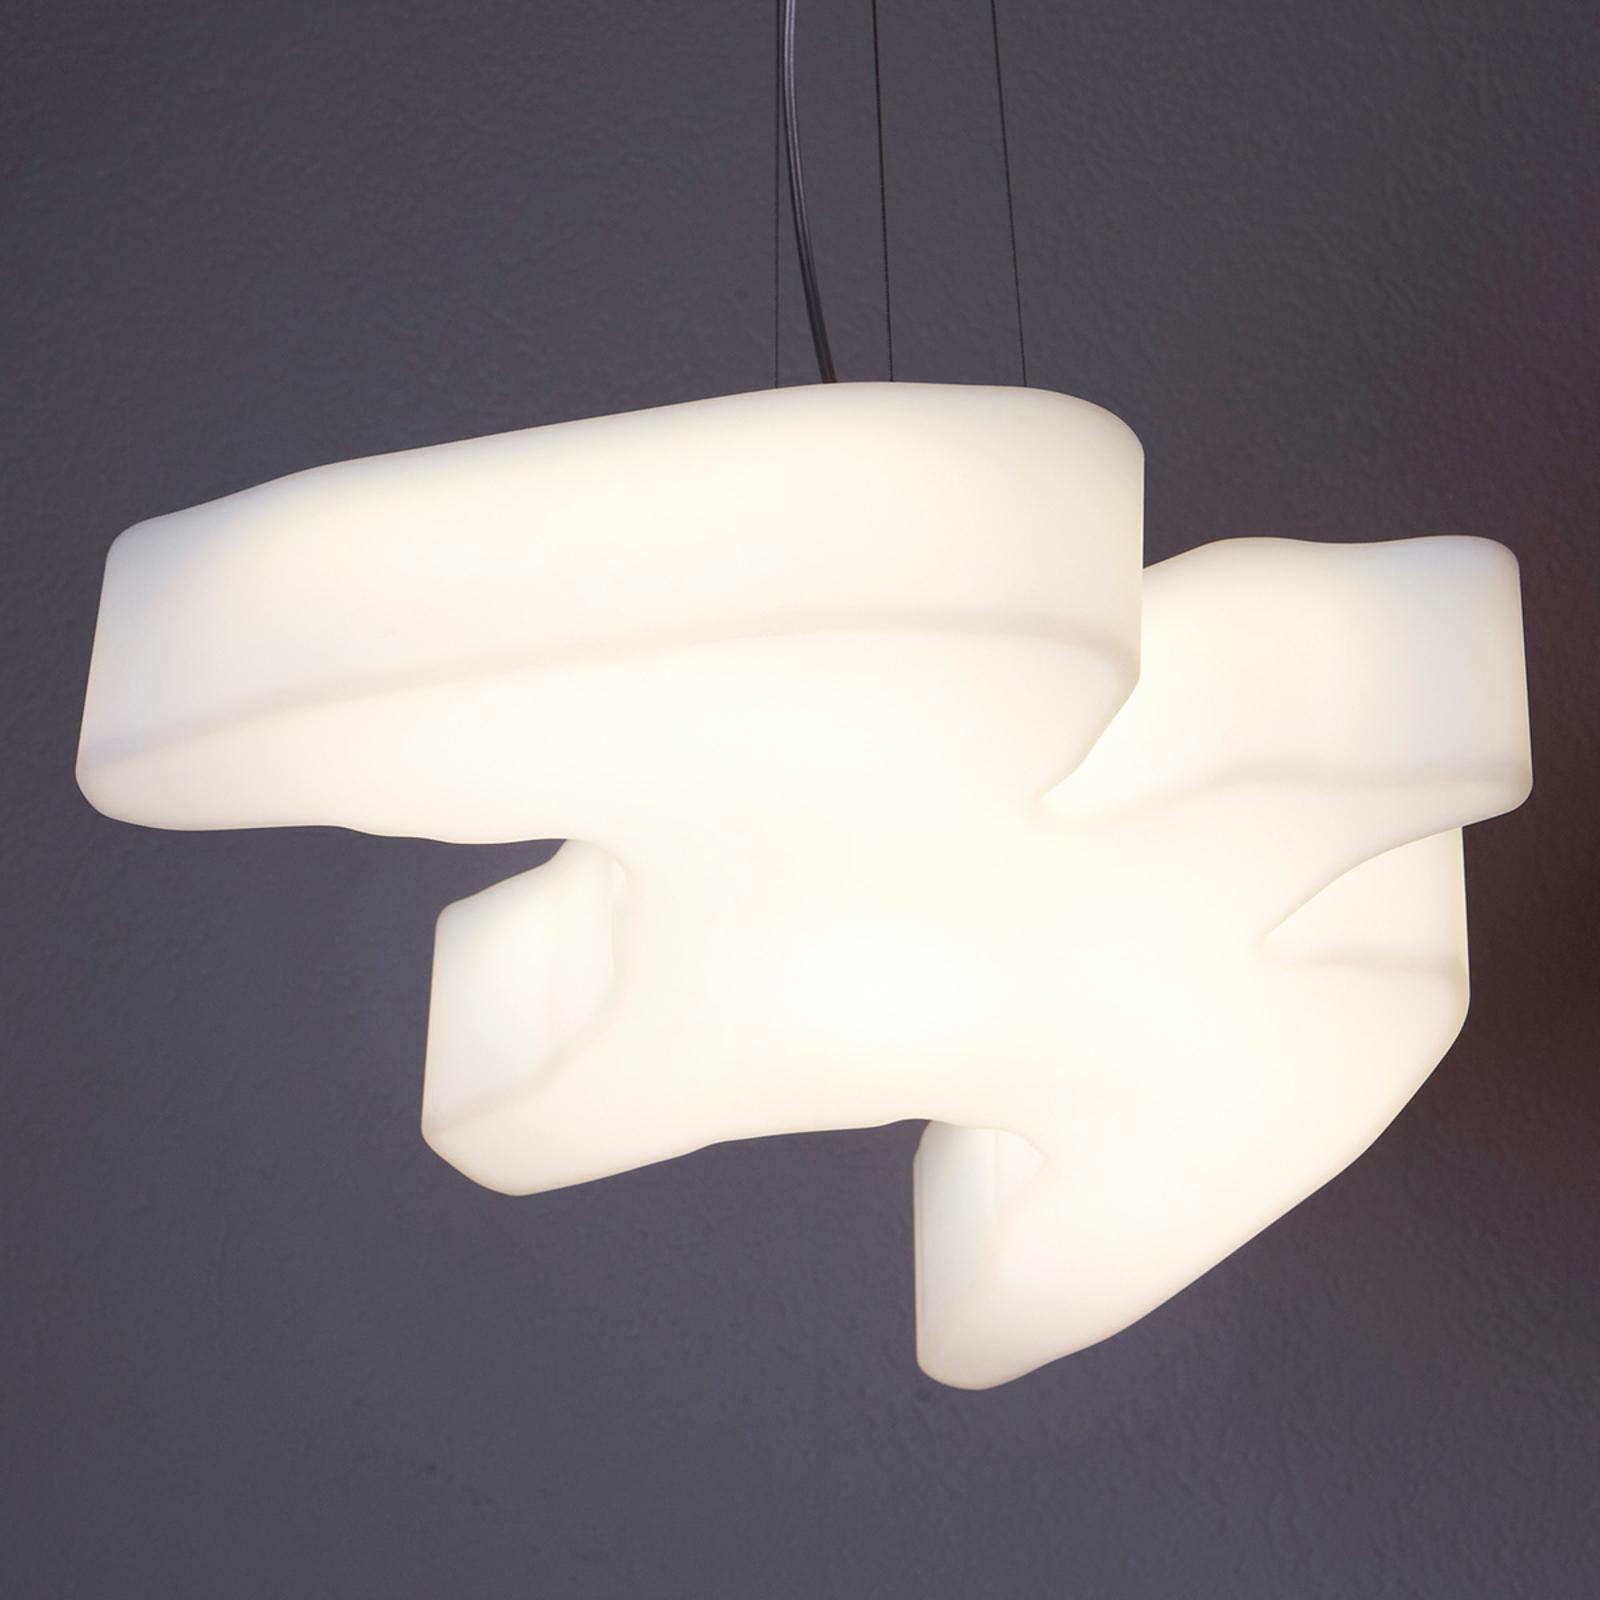 Lampa wisząca LED The Bird